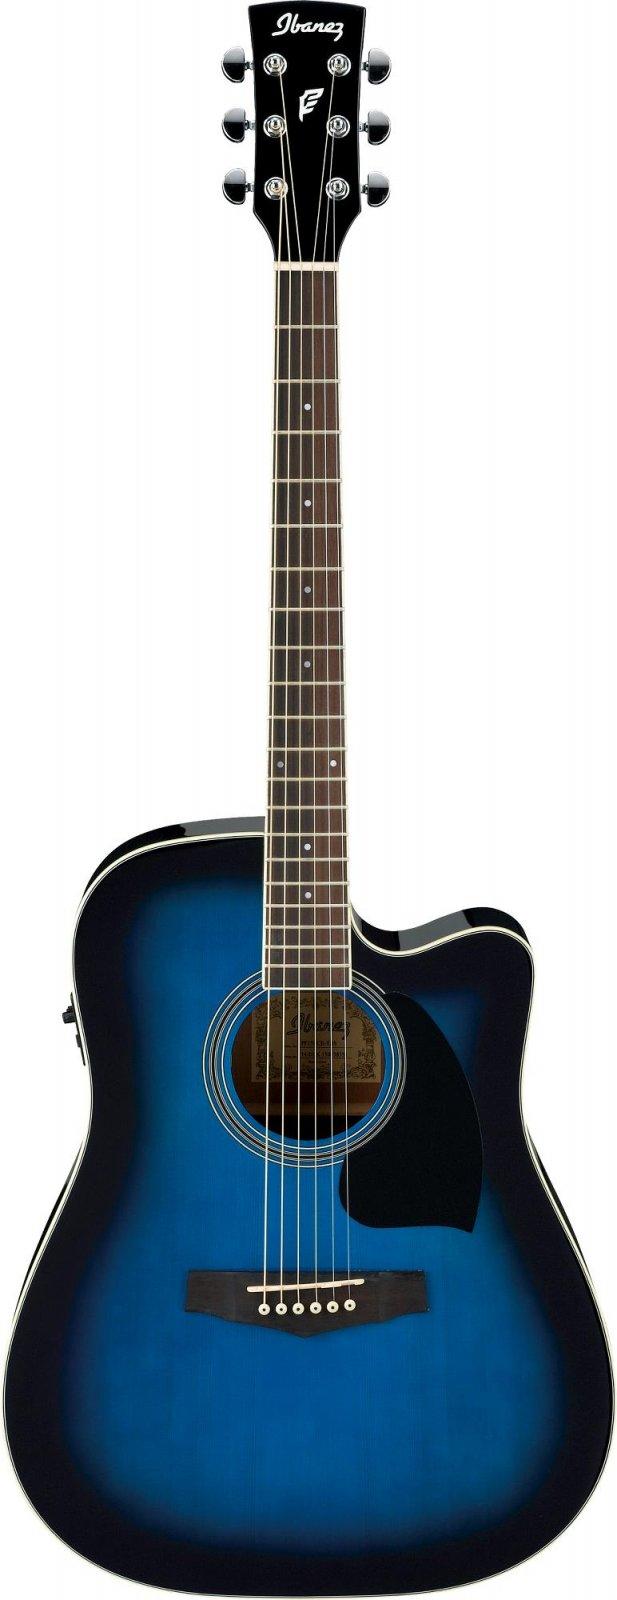 Ibanez Preformance Series PF15ECE-TBS Acoustic-Electric Guitar-Transparent Blue Sunburst